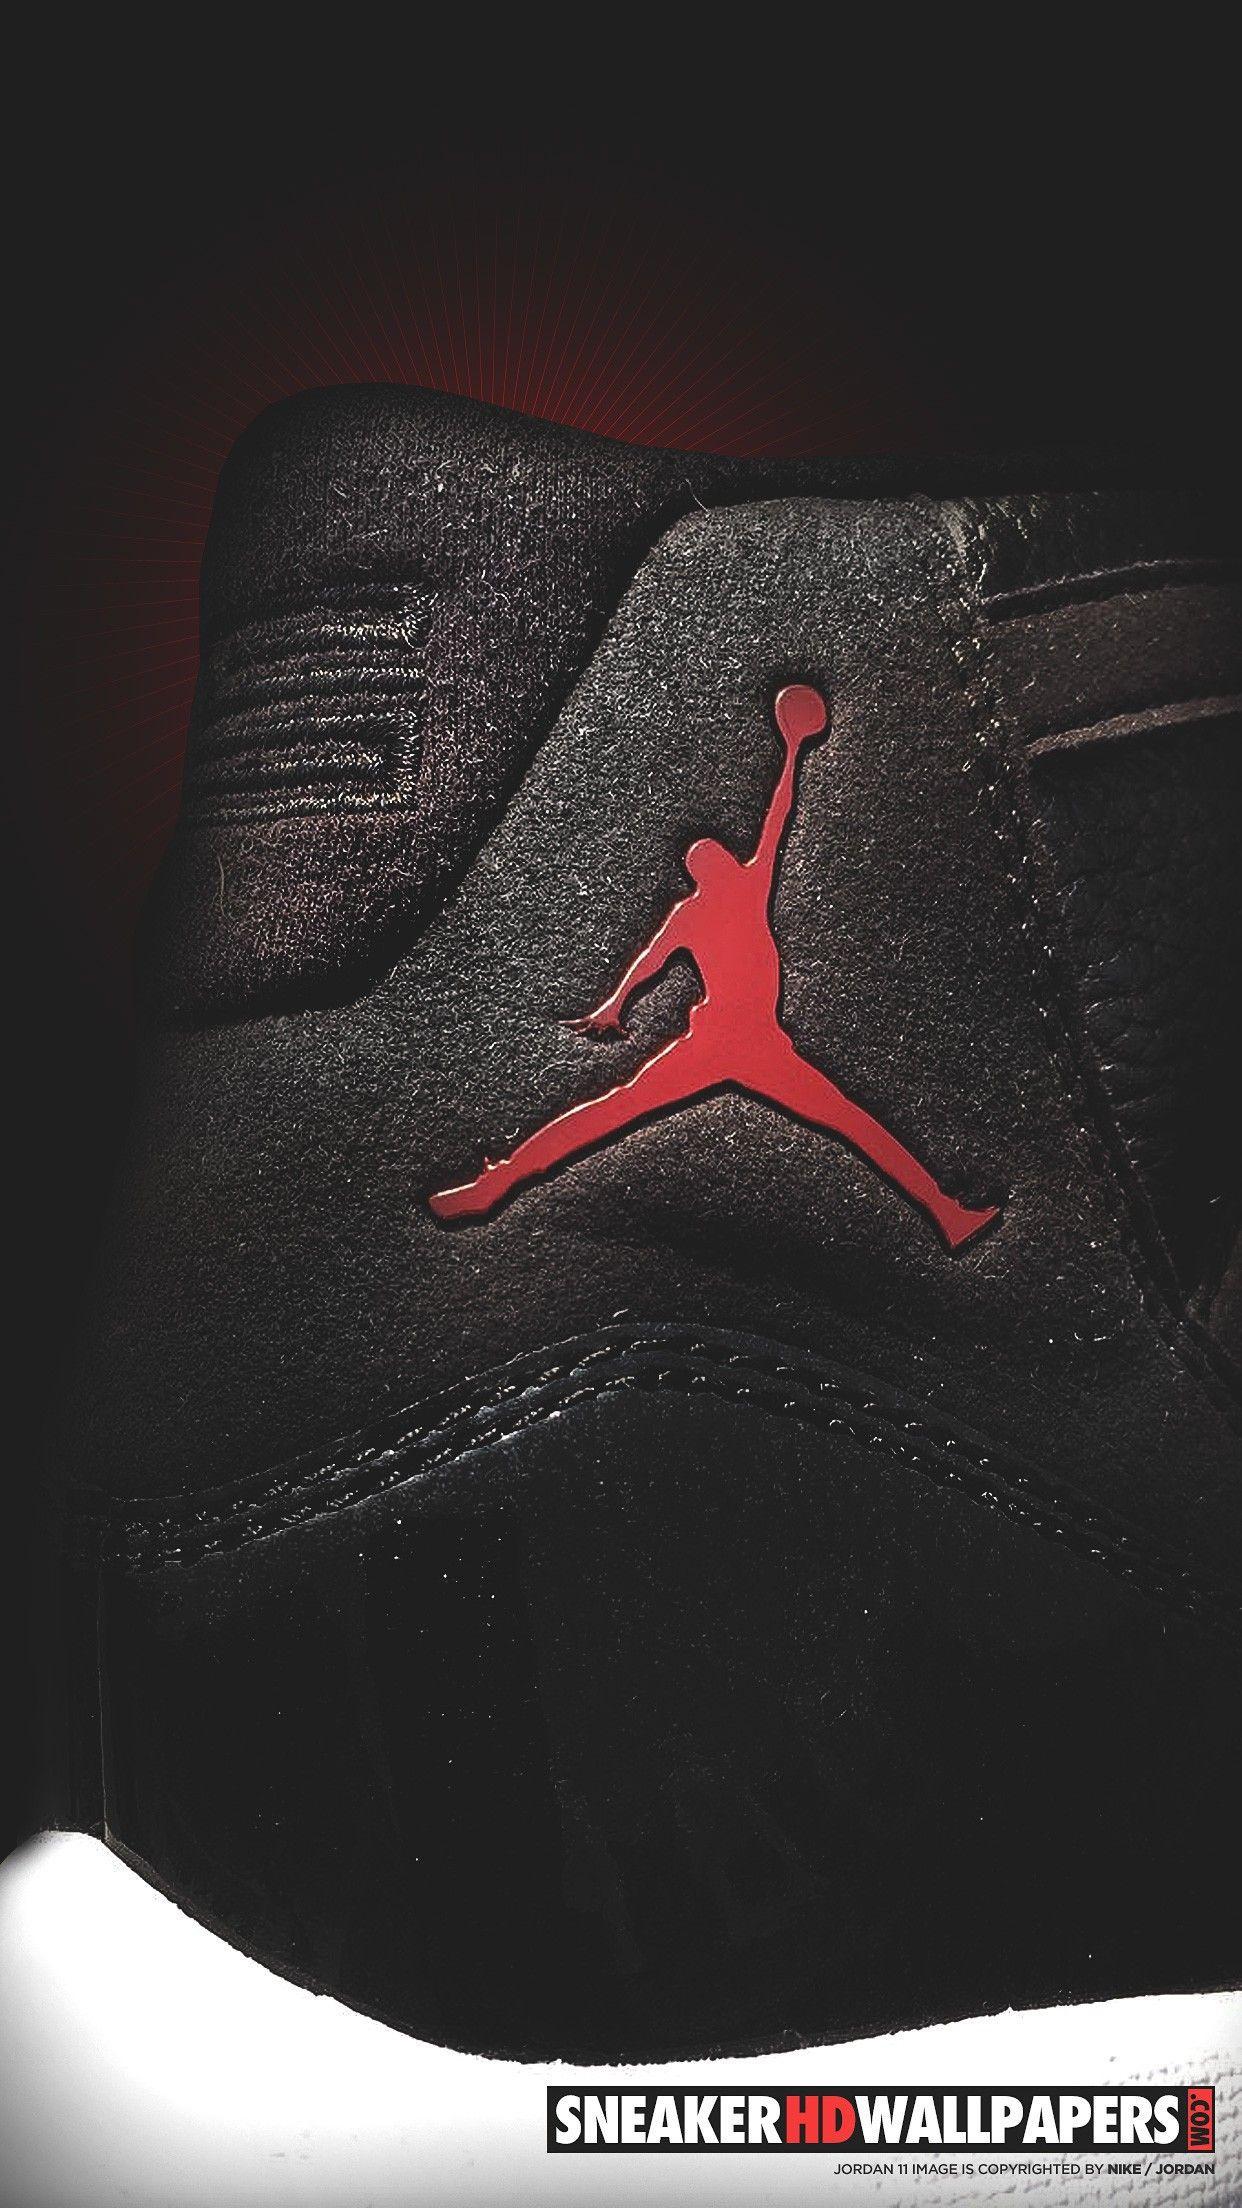 Beautiful Jordan 11 Wallpaper Logo wallpaper hd, Jordan logo